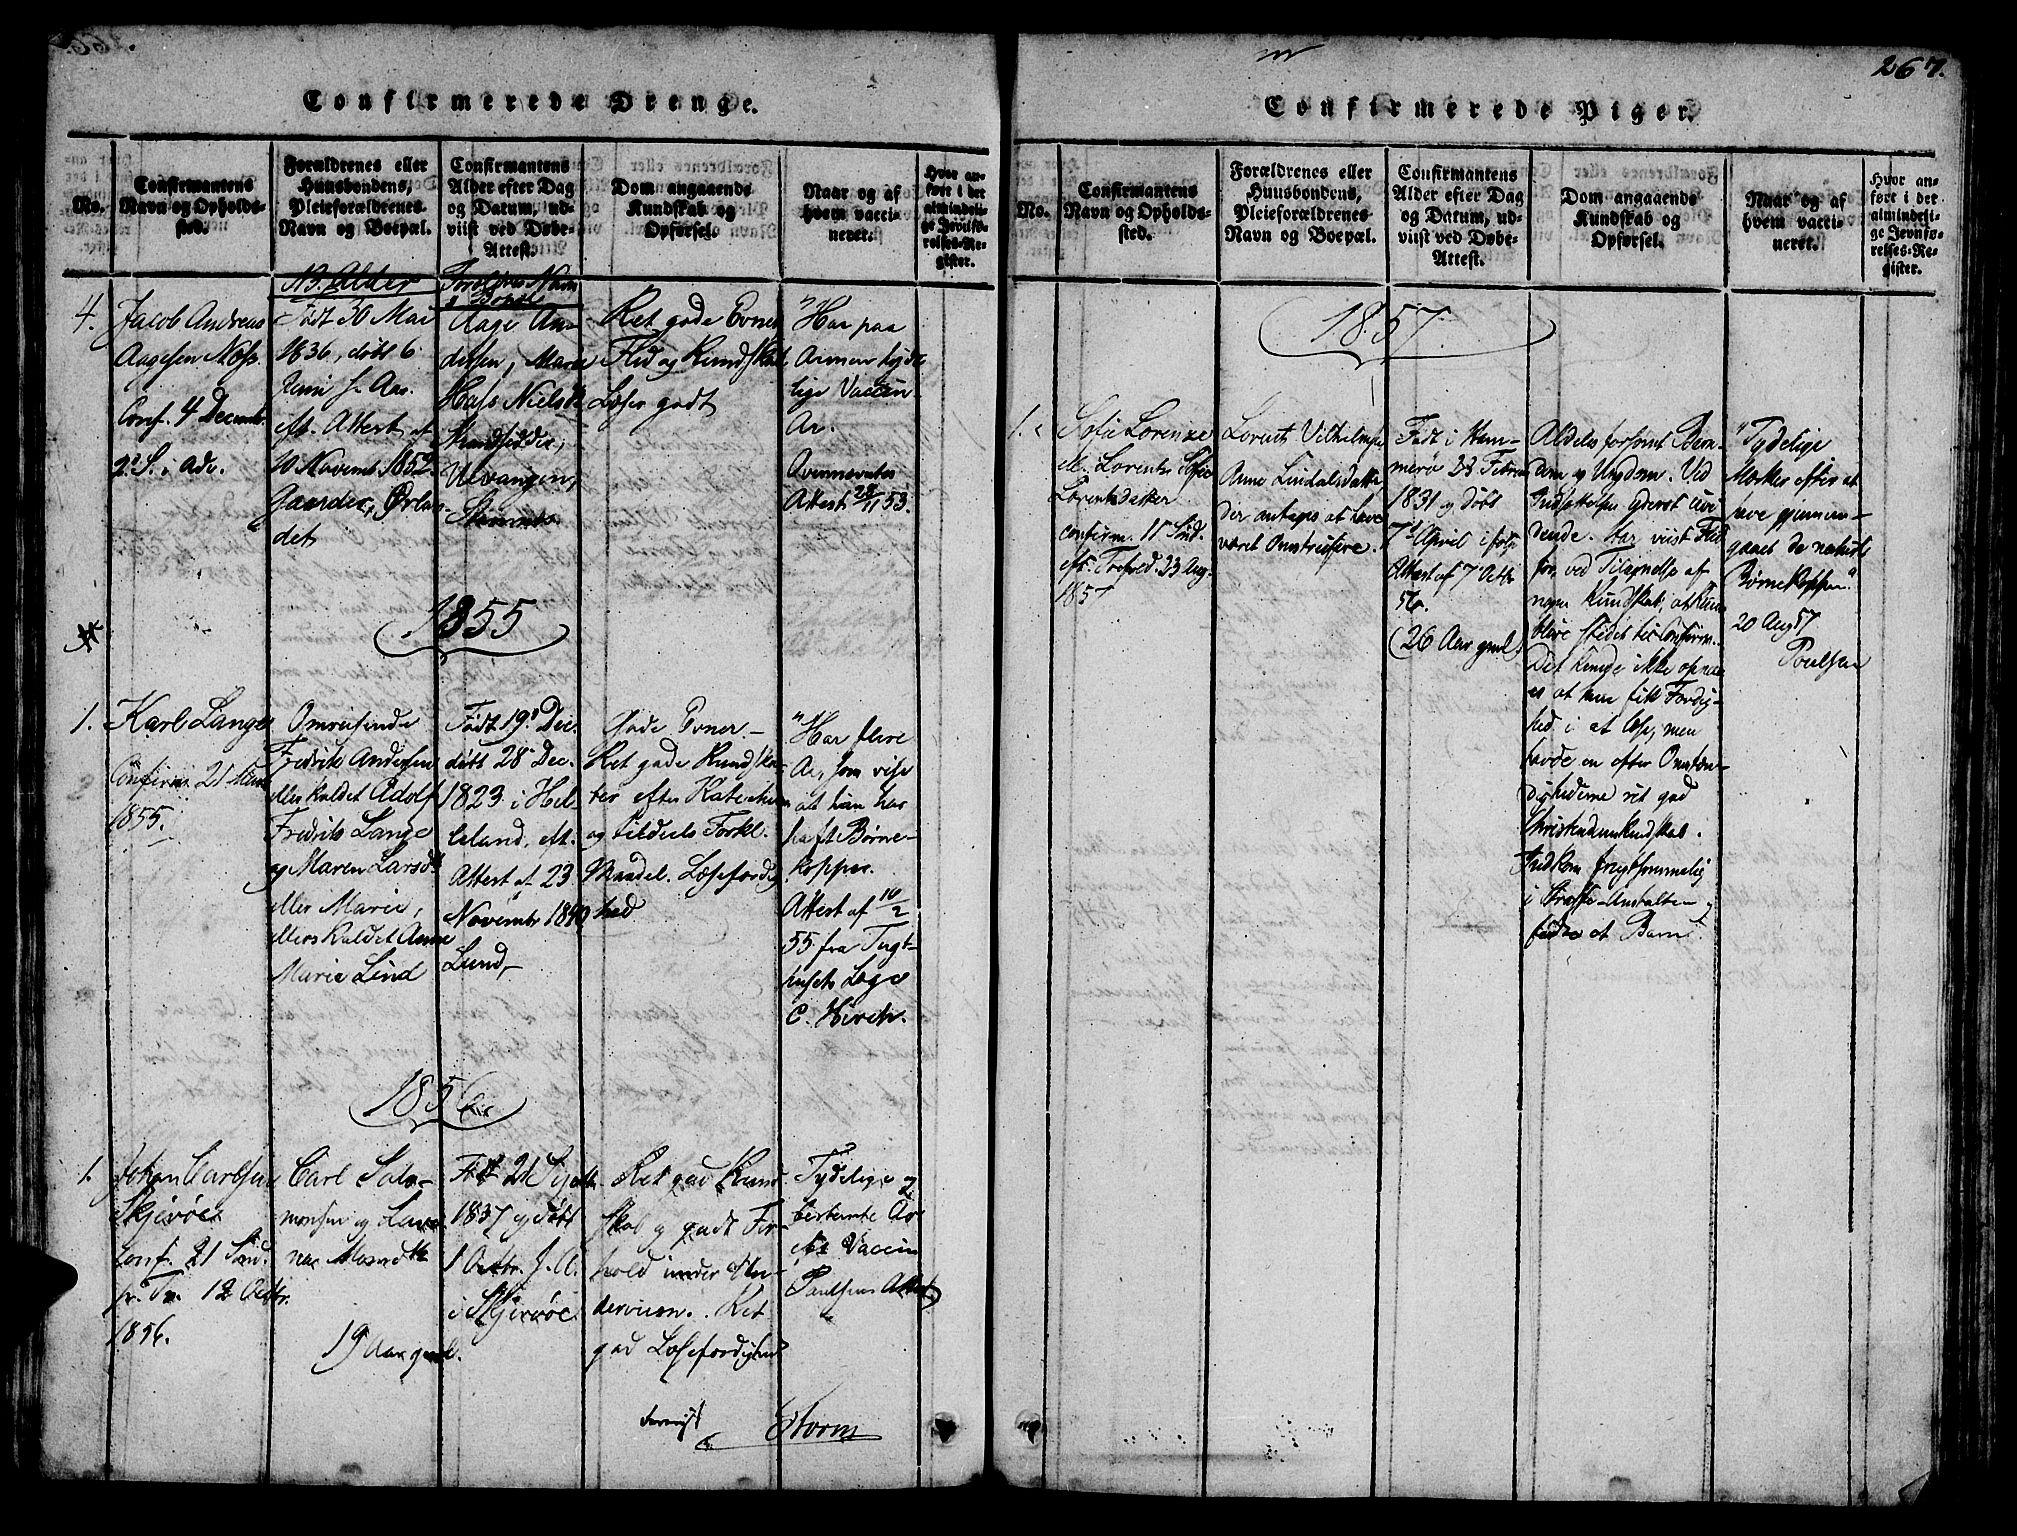 SAT, Ministerialprotokoller, klokkerbøker og fødselsregistre - Sør-Trøndelag, 623/L0478: Klokkerbok nr. 623C01, 1815-1873, s. 267